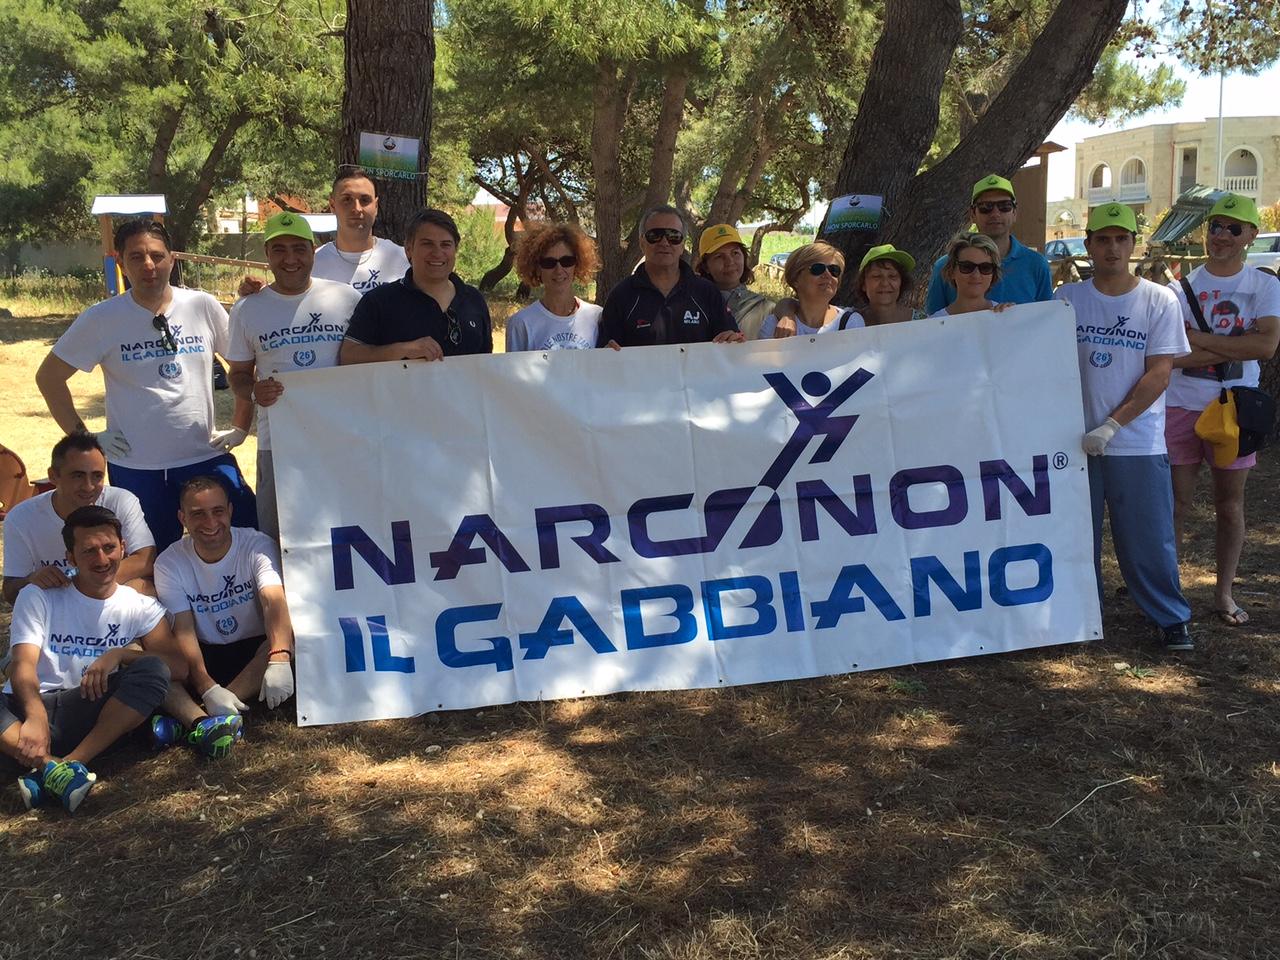 Associazione Narconon Gabbiano a tutela dell'ambiente